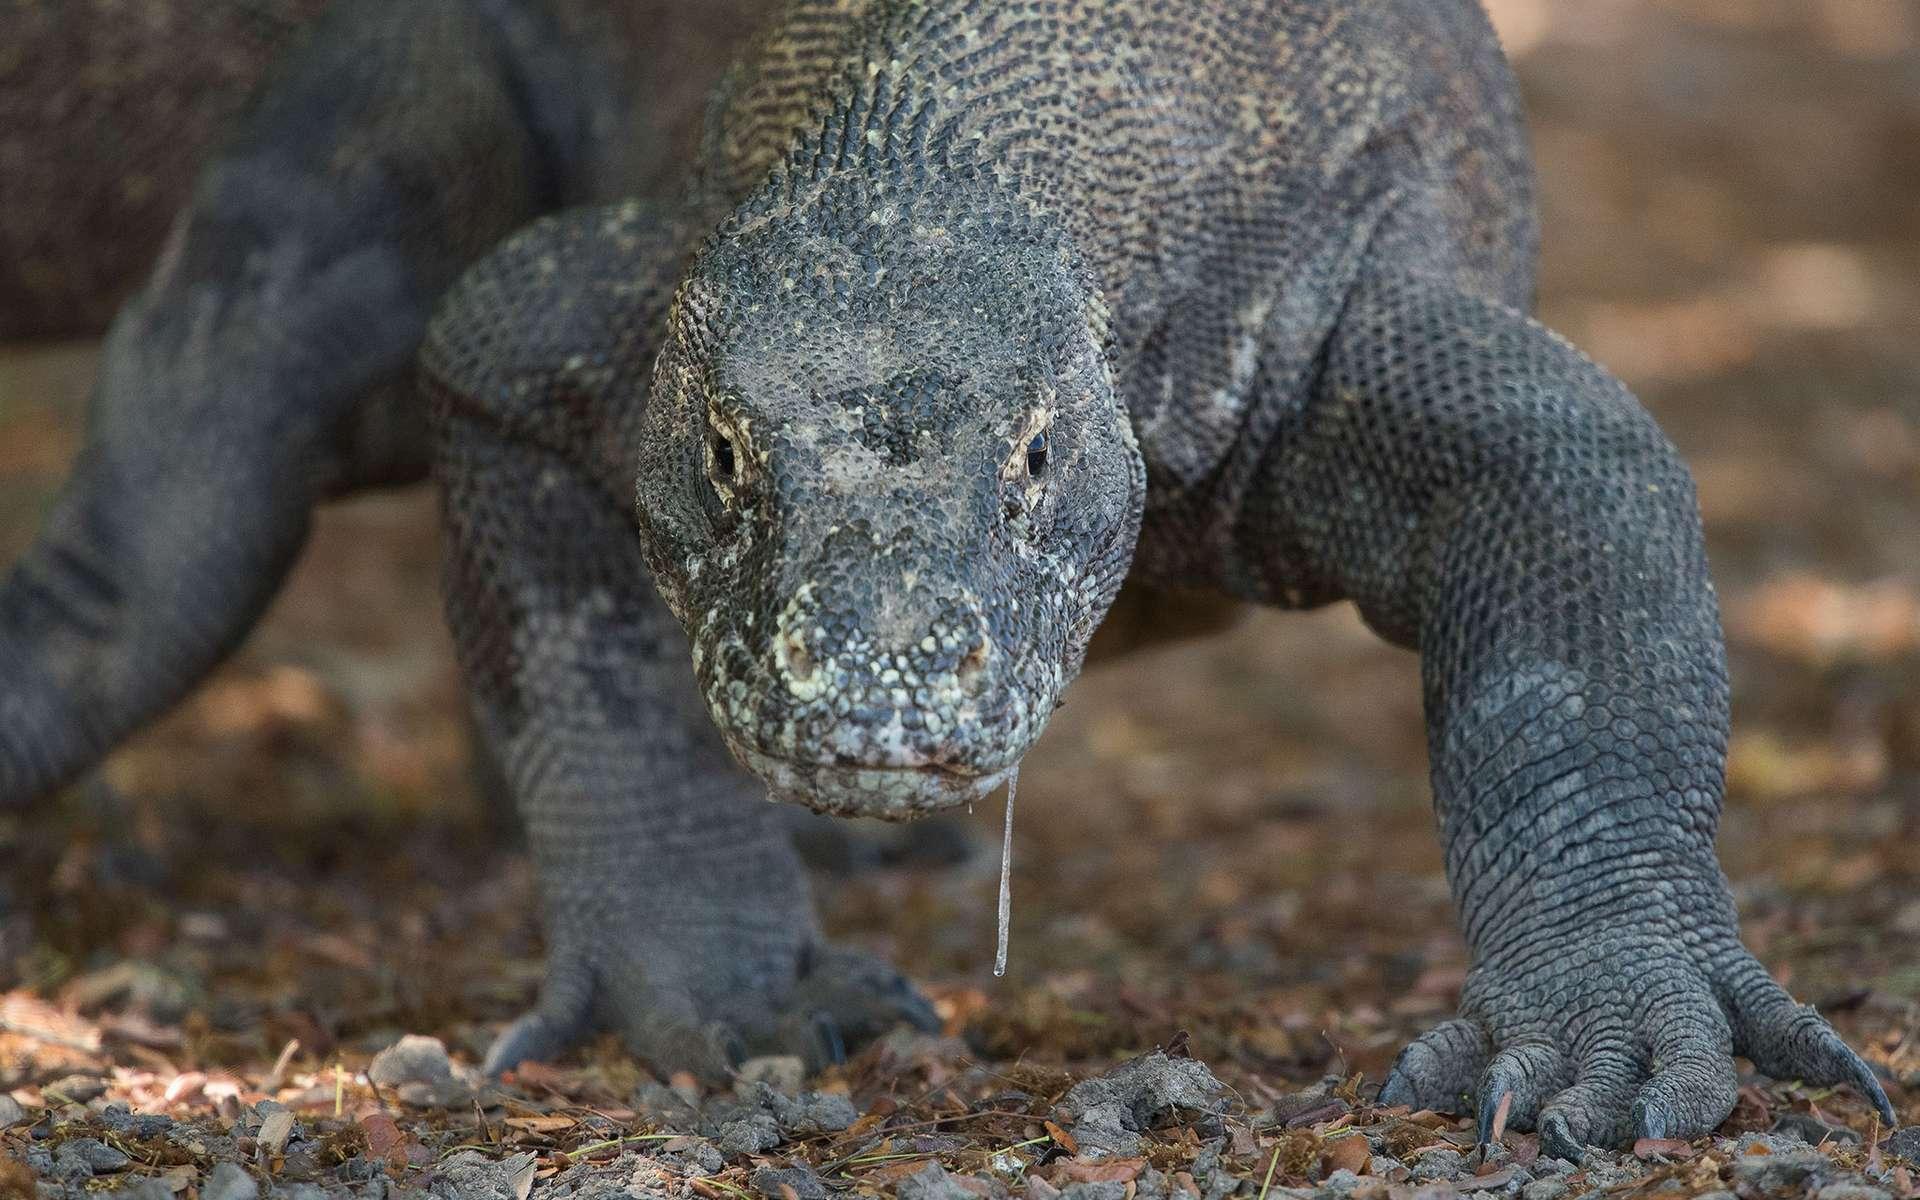 Le Dragon de Komodo est le plus proche cousin vivant du géant qui peuplait l'Australie il y a 40.000 ans. © Chris Kegelman